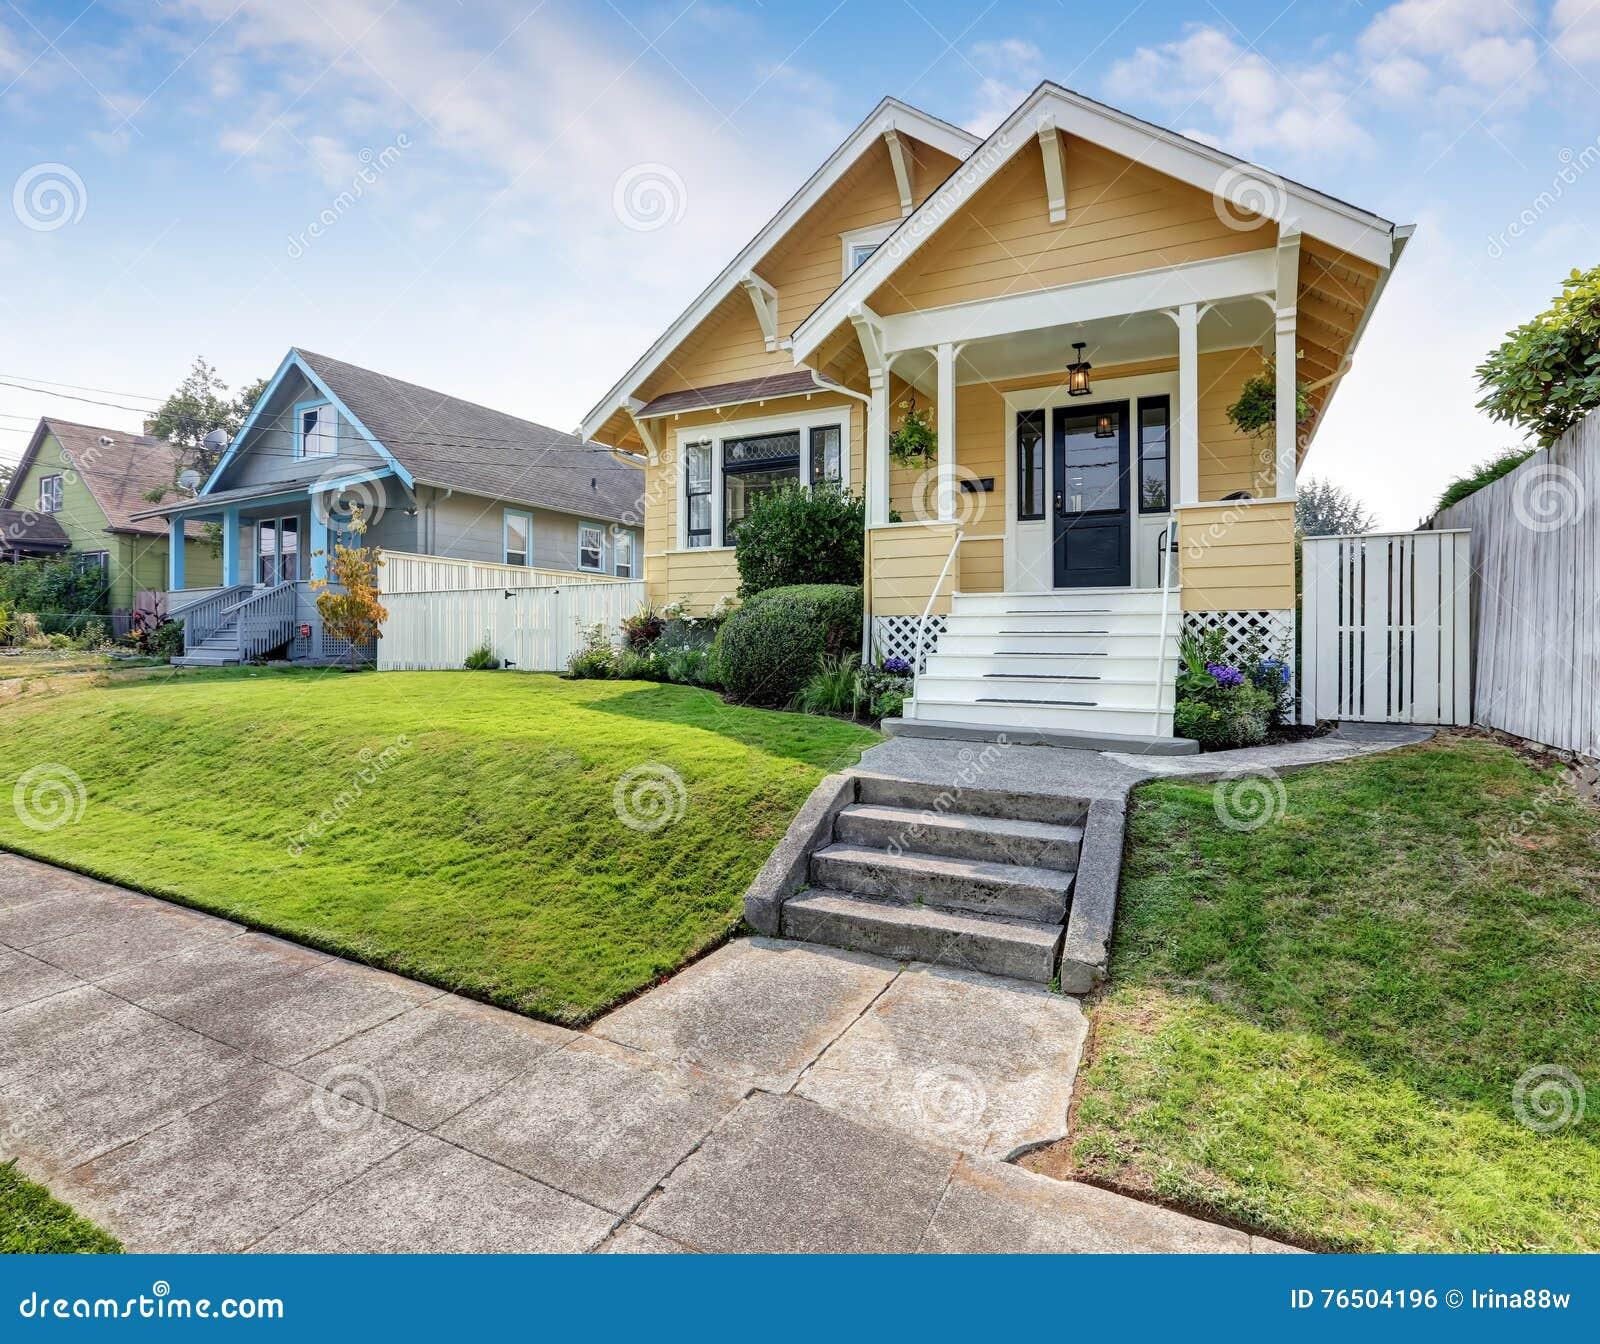 Affordable casa americana dell artigiano con pittura per esterni gialla with pittura esterno casa - Colorare casa esterno ...